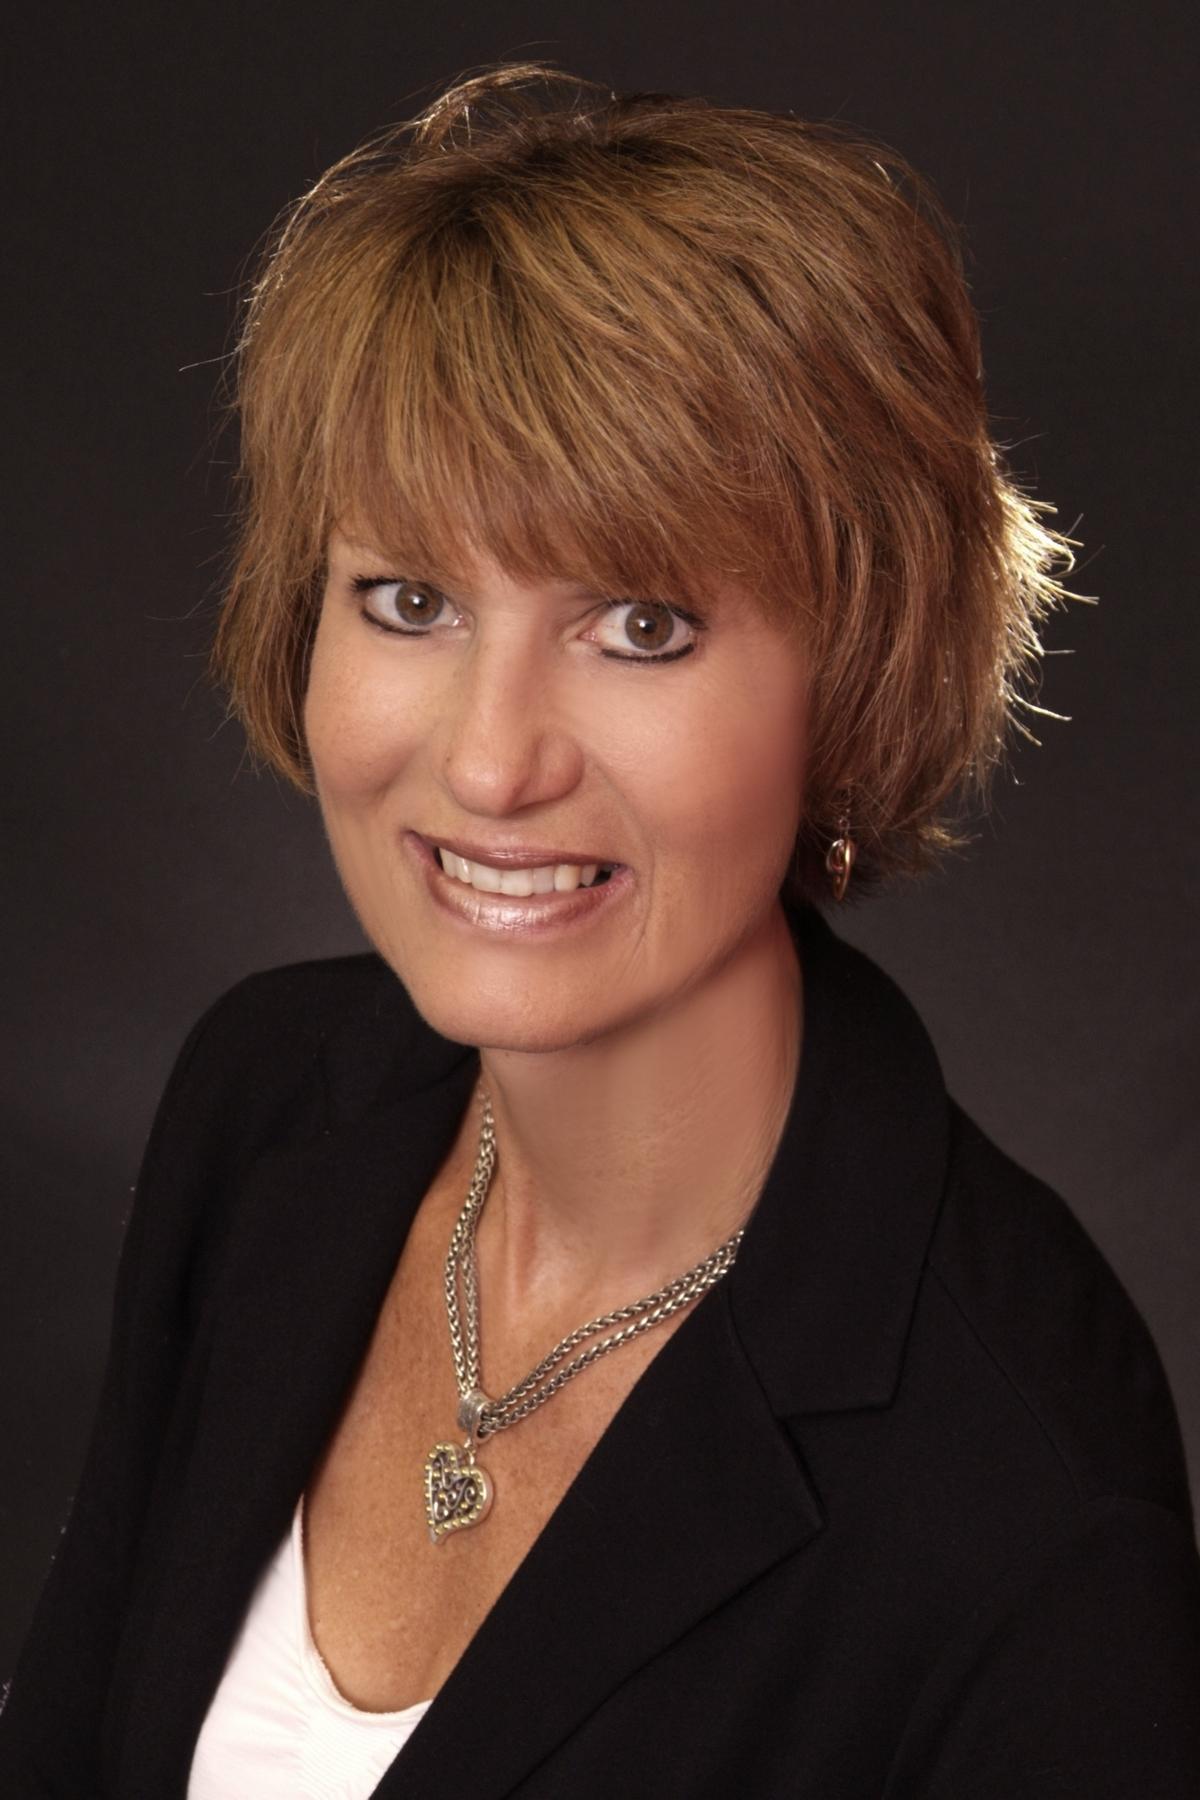 Liz Hanes - Bilder, News, Infos aus dem Web